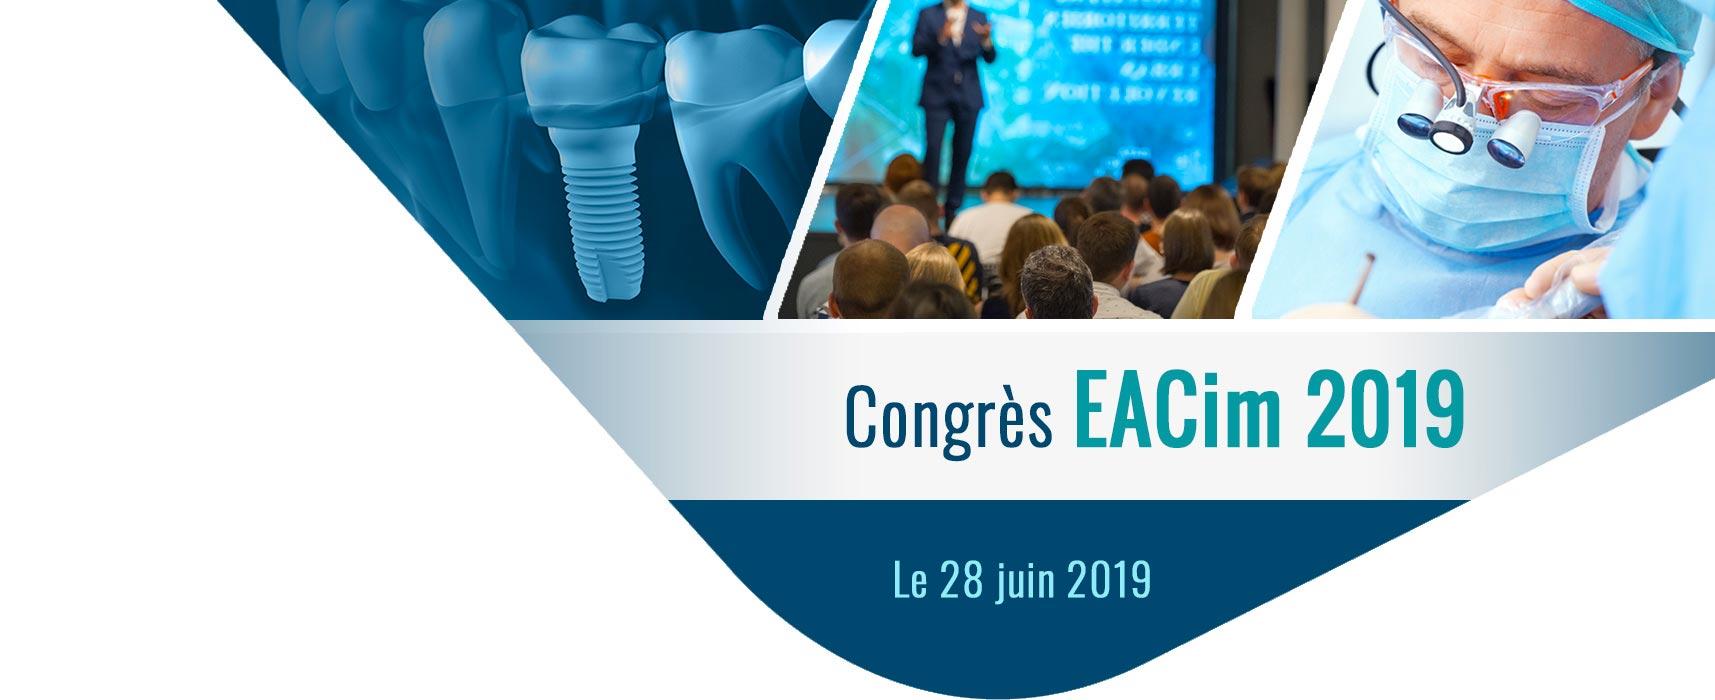 Congrès 2019 de l'EACim, Académie Européenne d'Implantologie Céramique - 28 juin 2019 à Paris